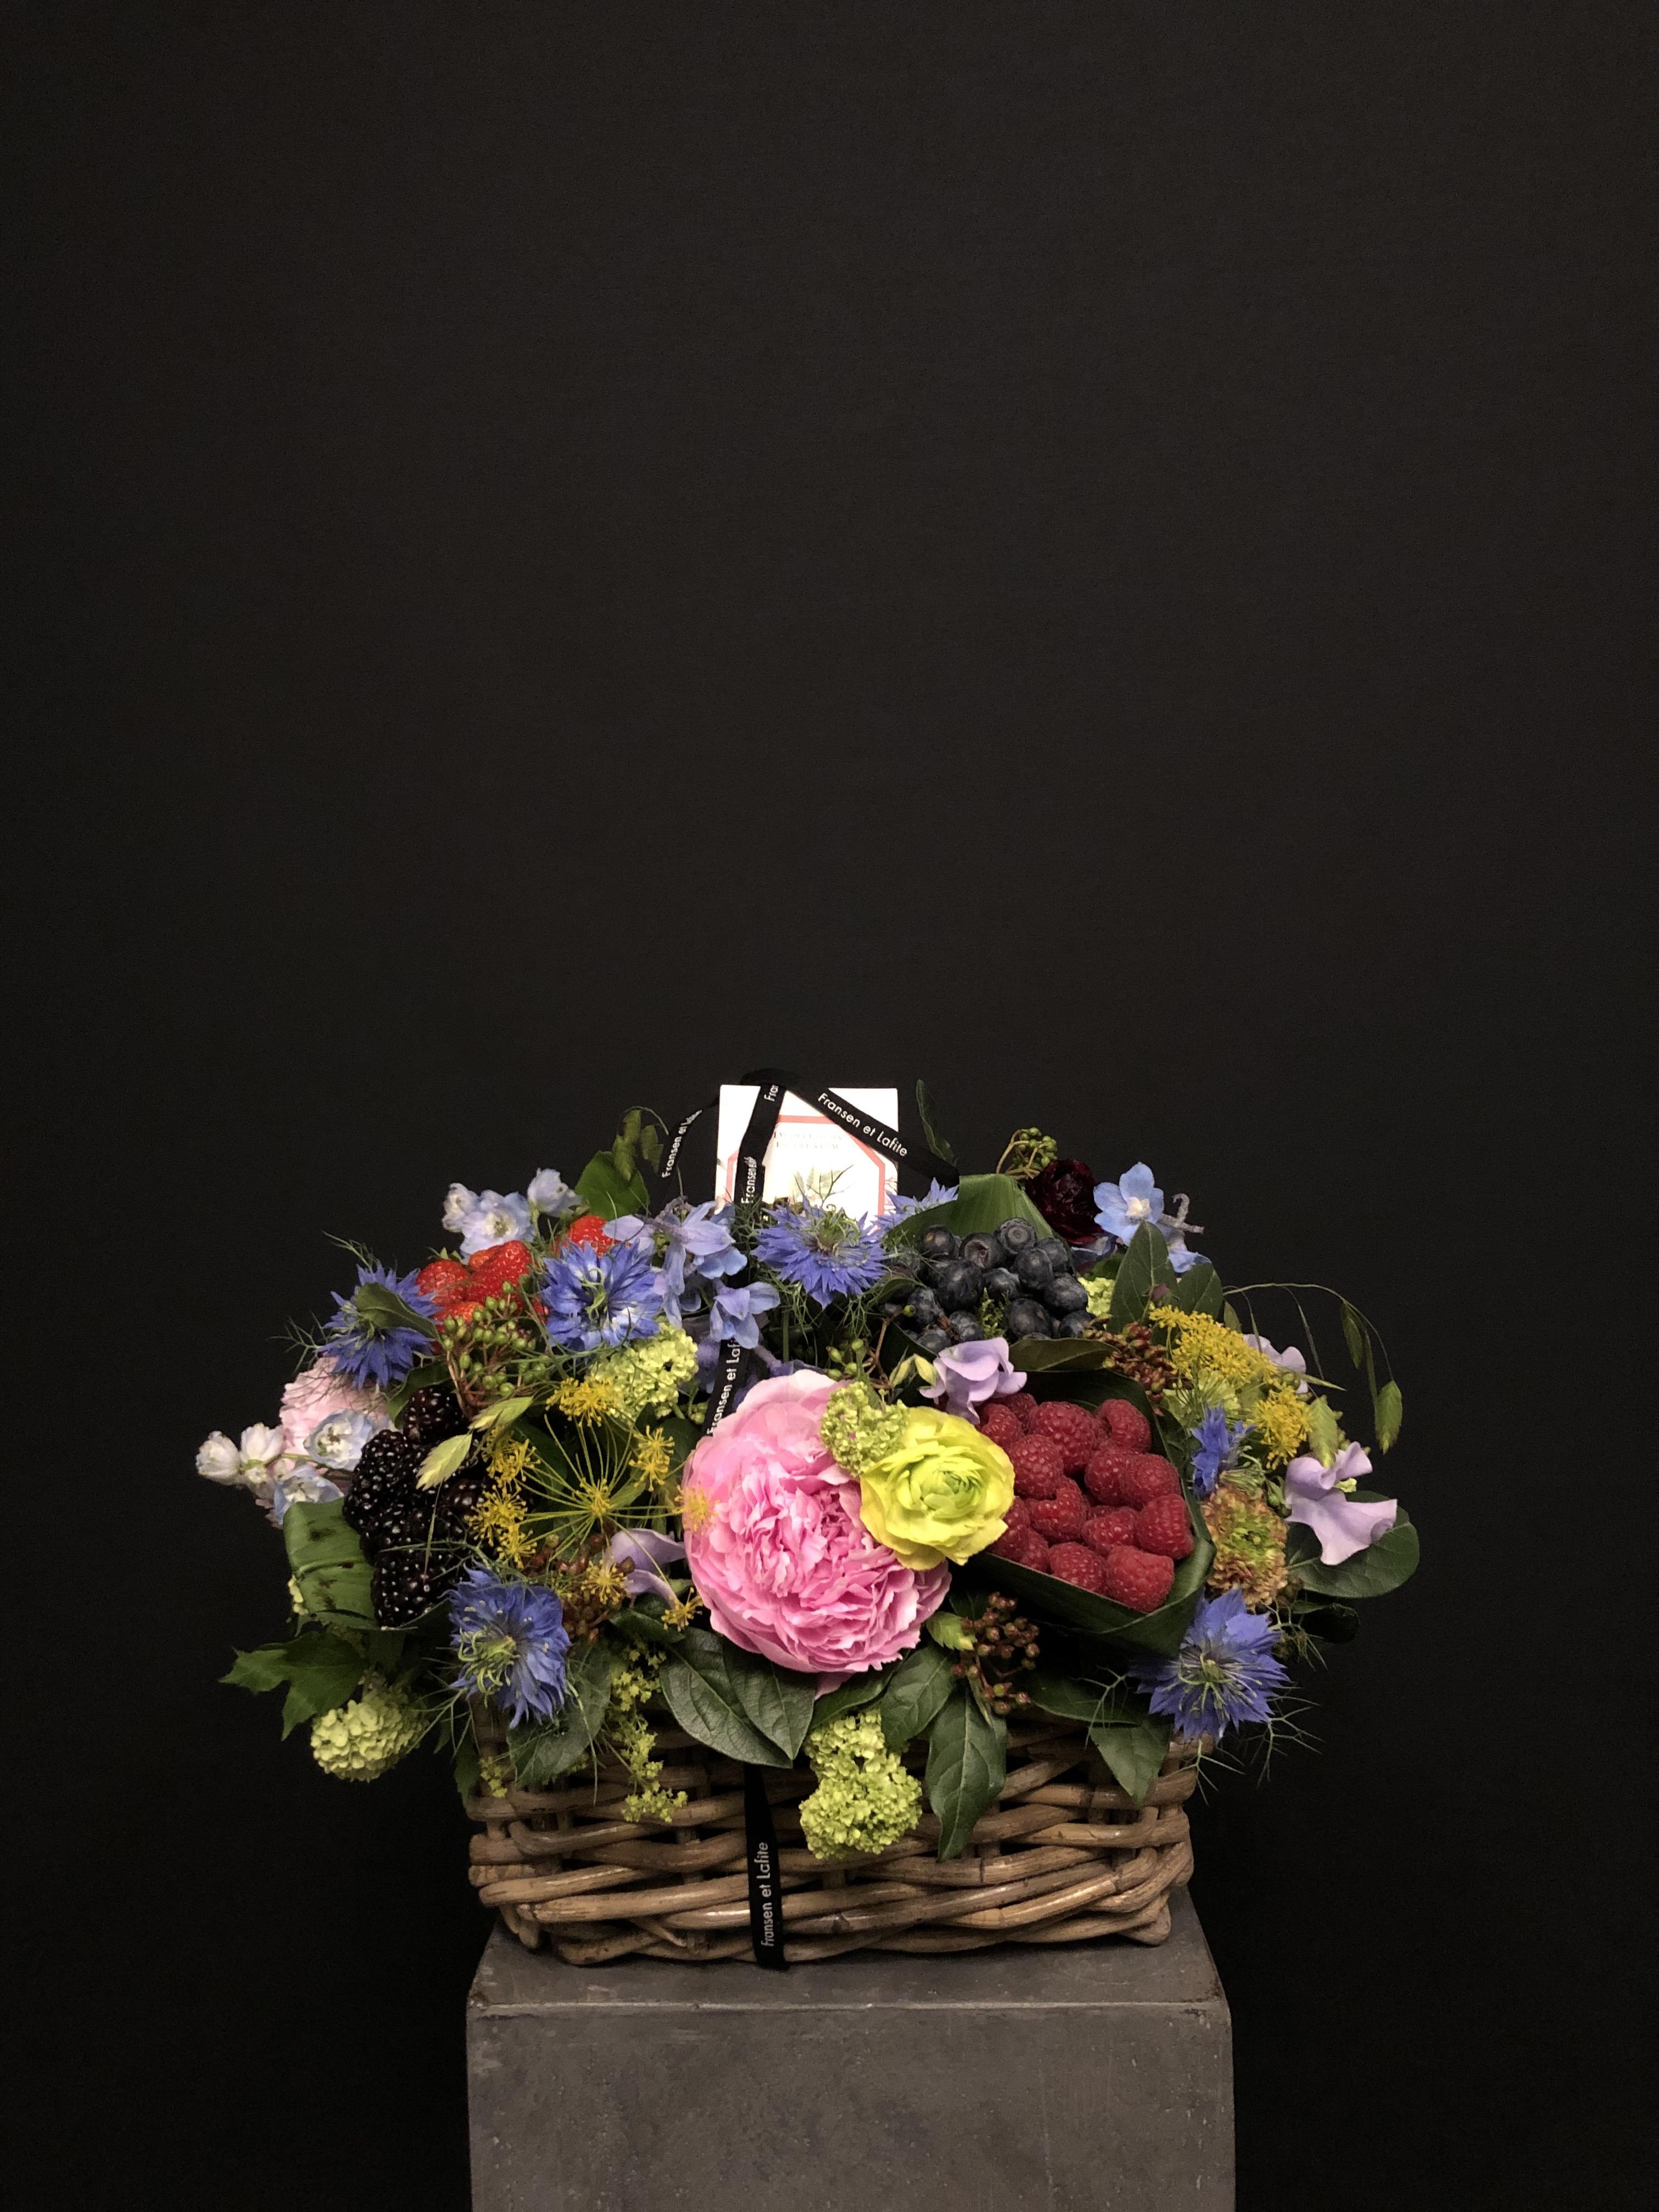 Cesta con flores, frutas y vela Carrière frères